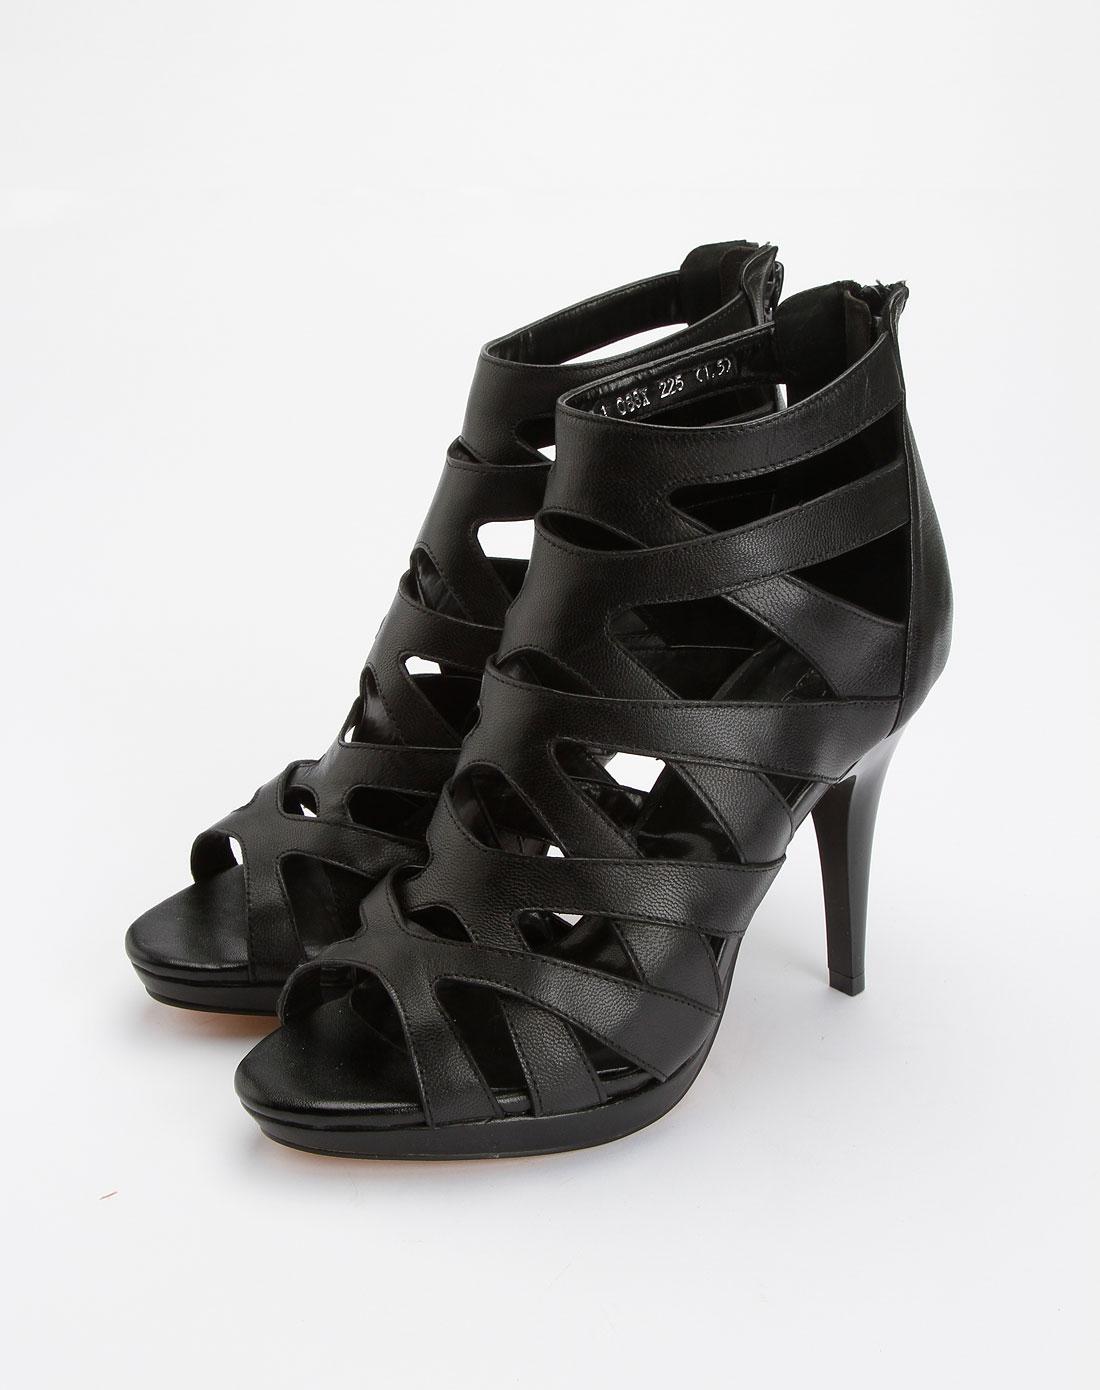 黑色时尚简约高跟凉鞋